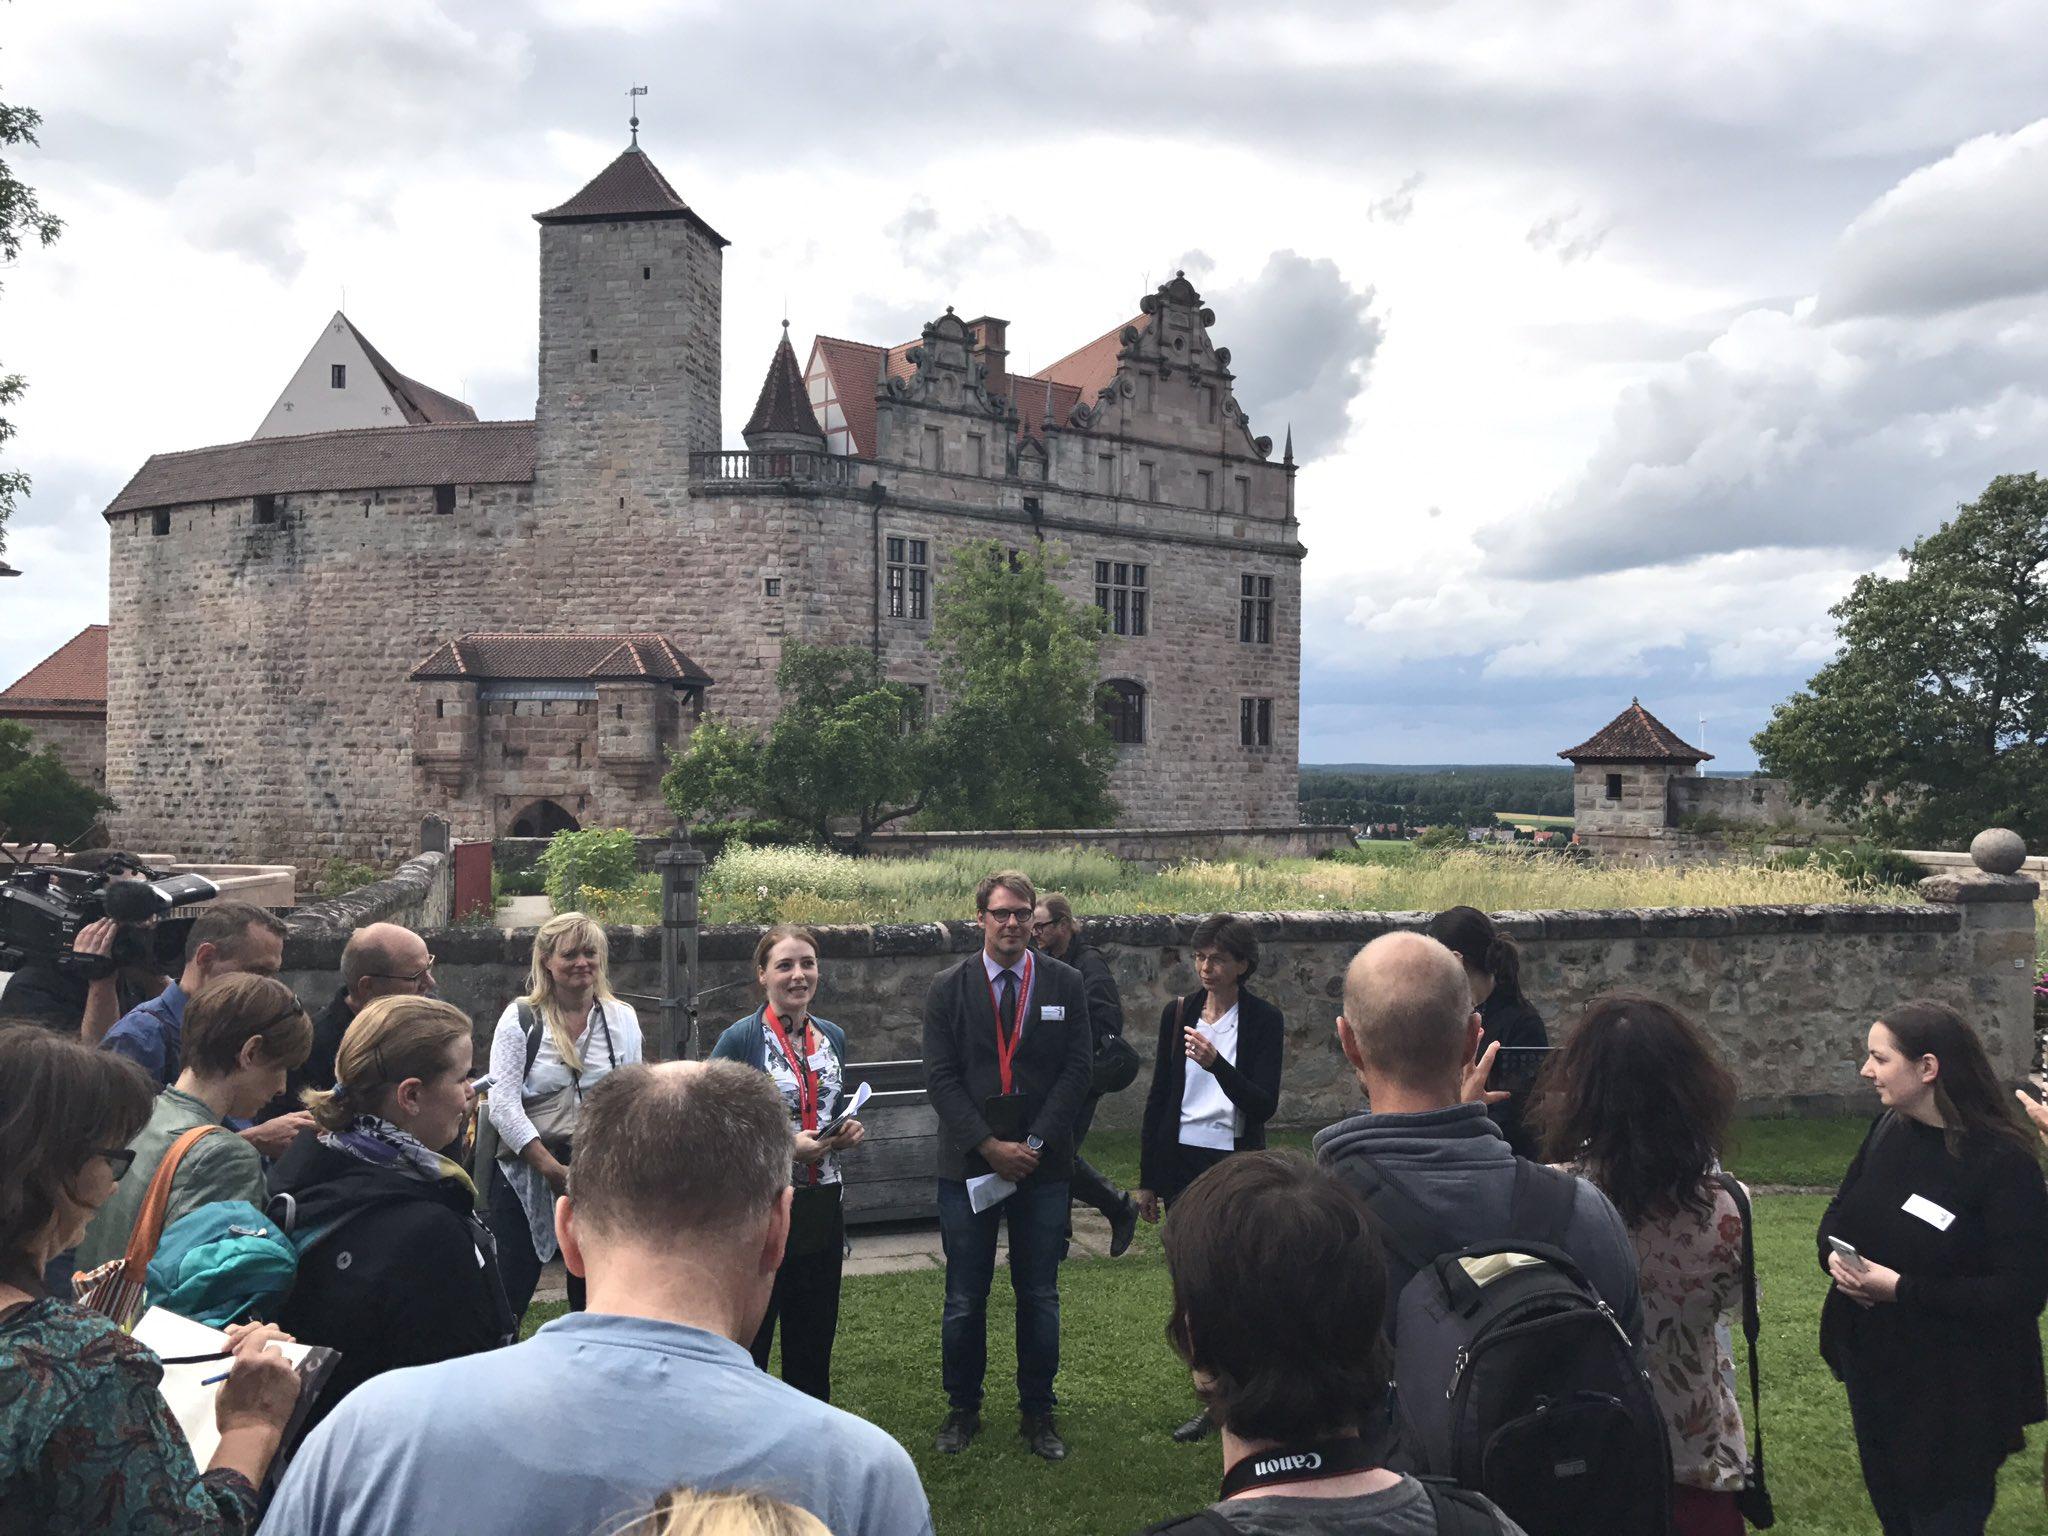 Jetzt geht es los #HohenzollernWalk https://t.co/Y6v50fol6a